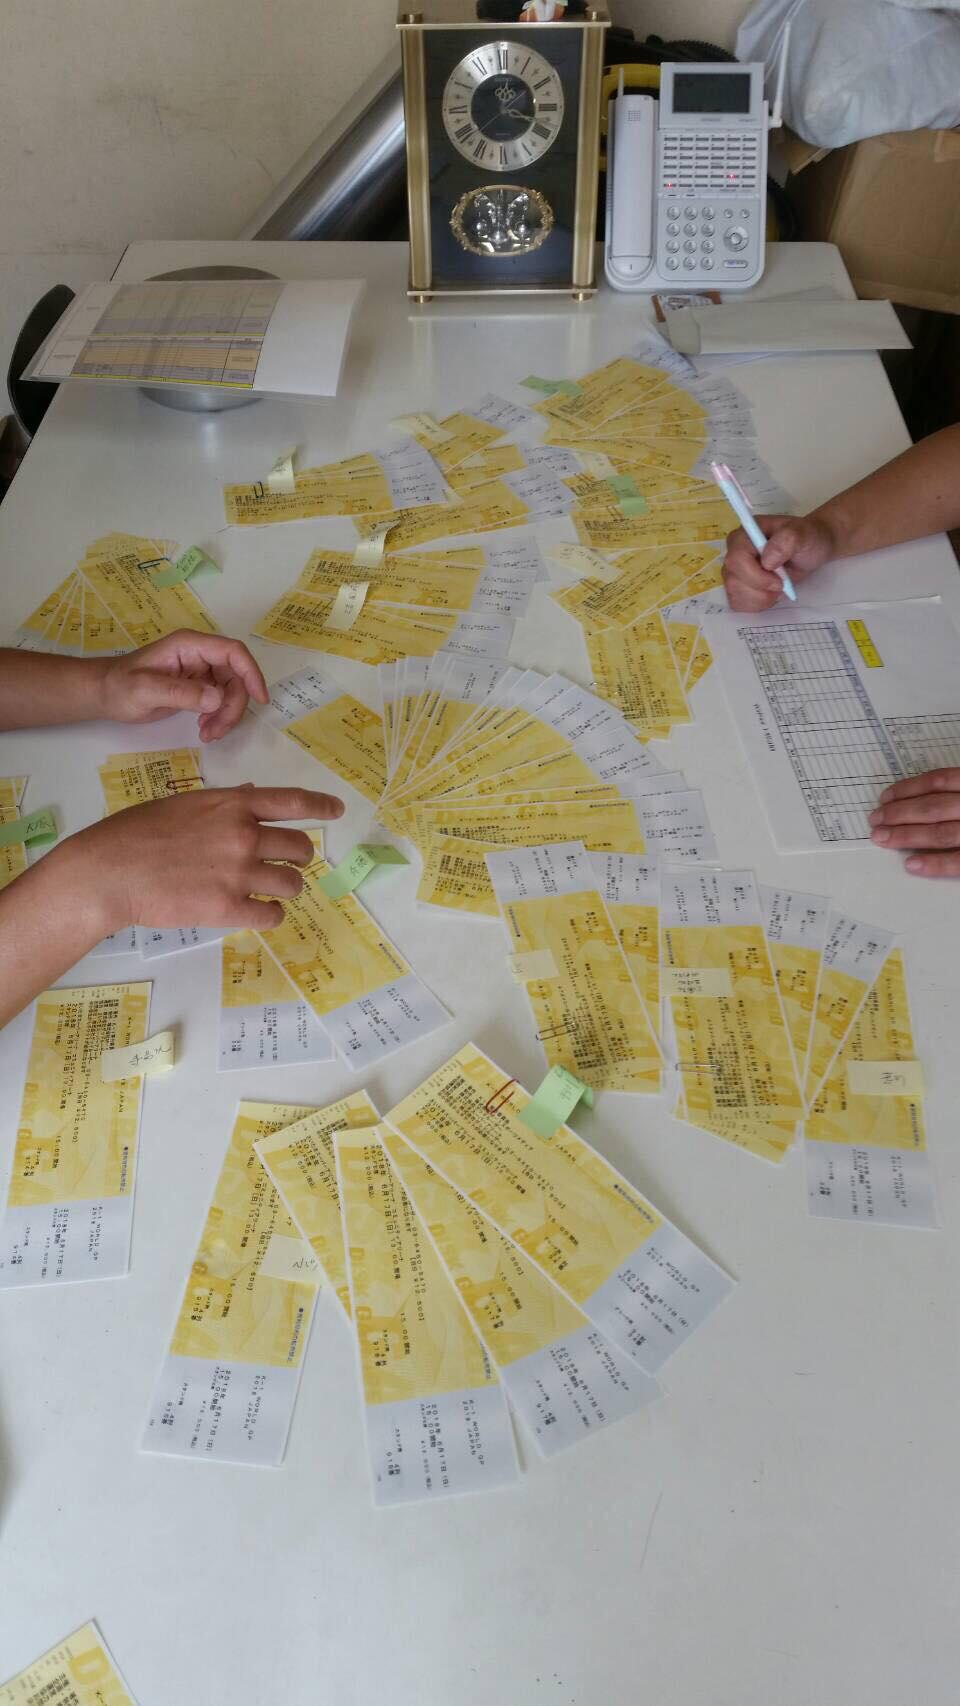 6月17日に行われるK-1のチケット割り振りを行いました!